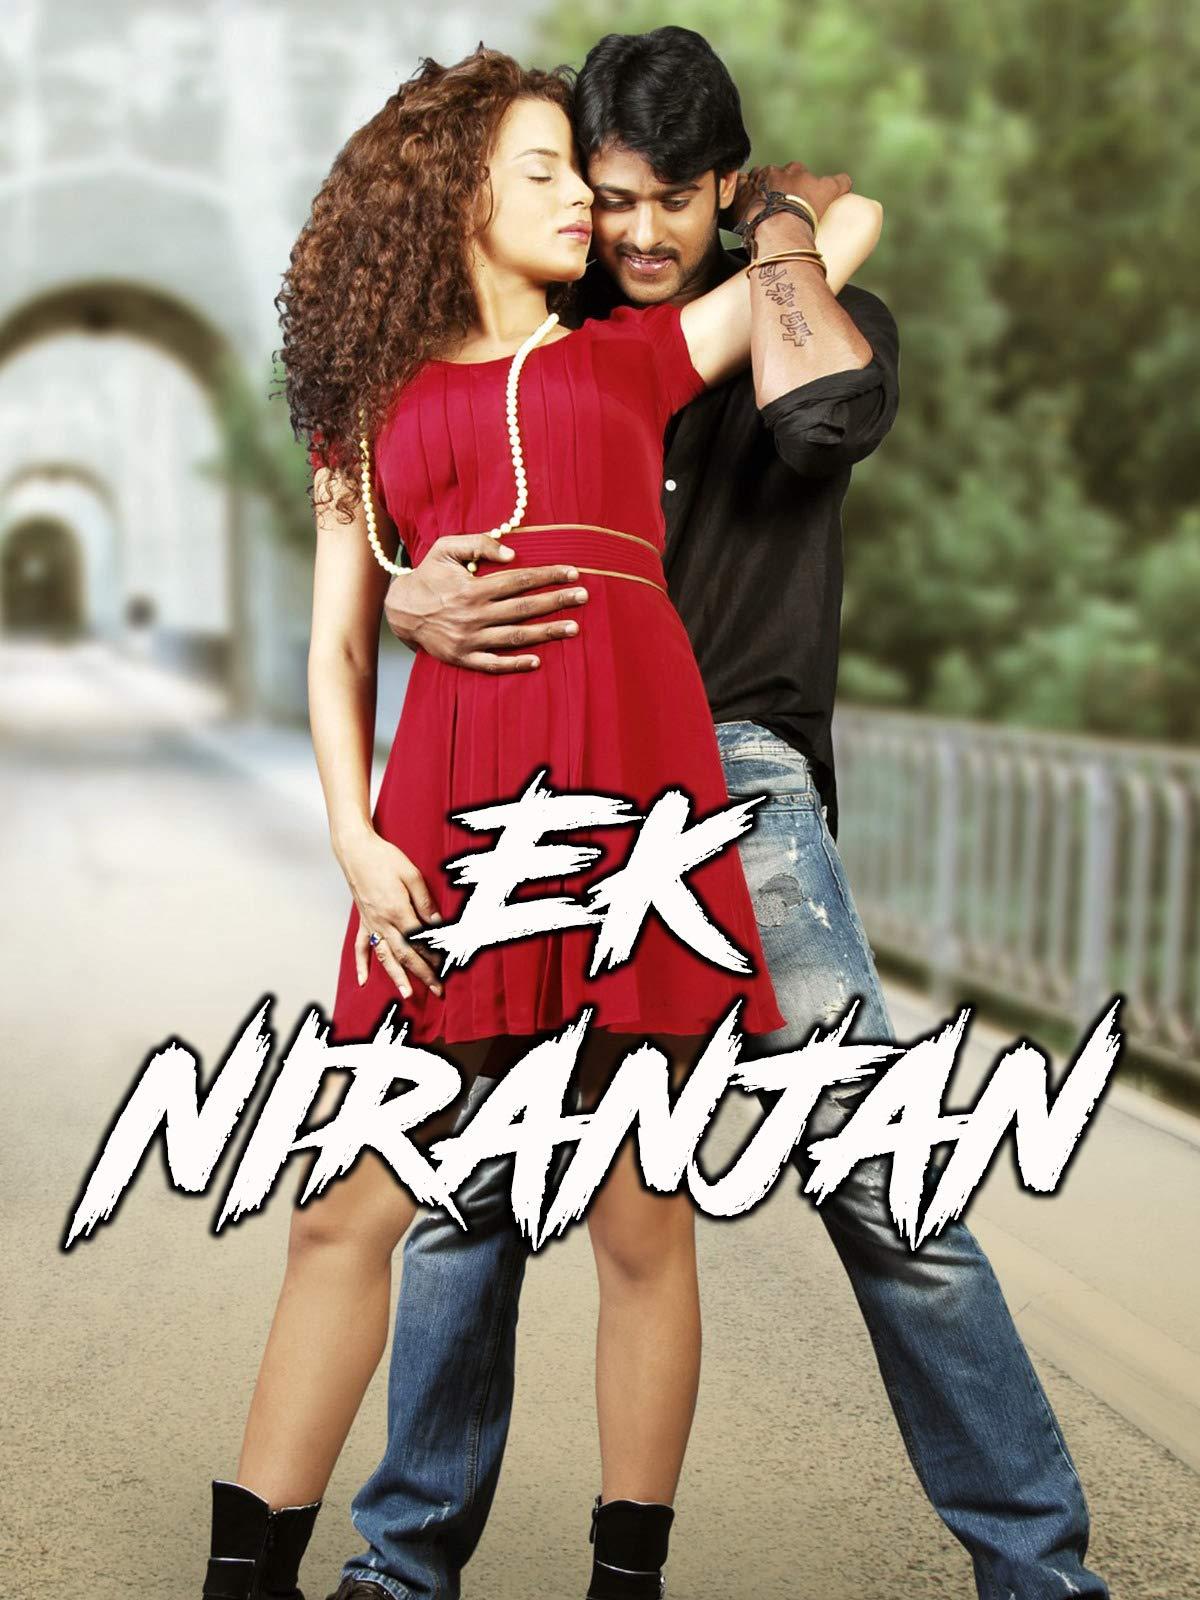 Ek-Niranjan